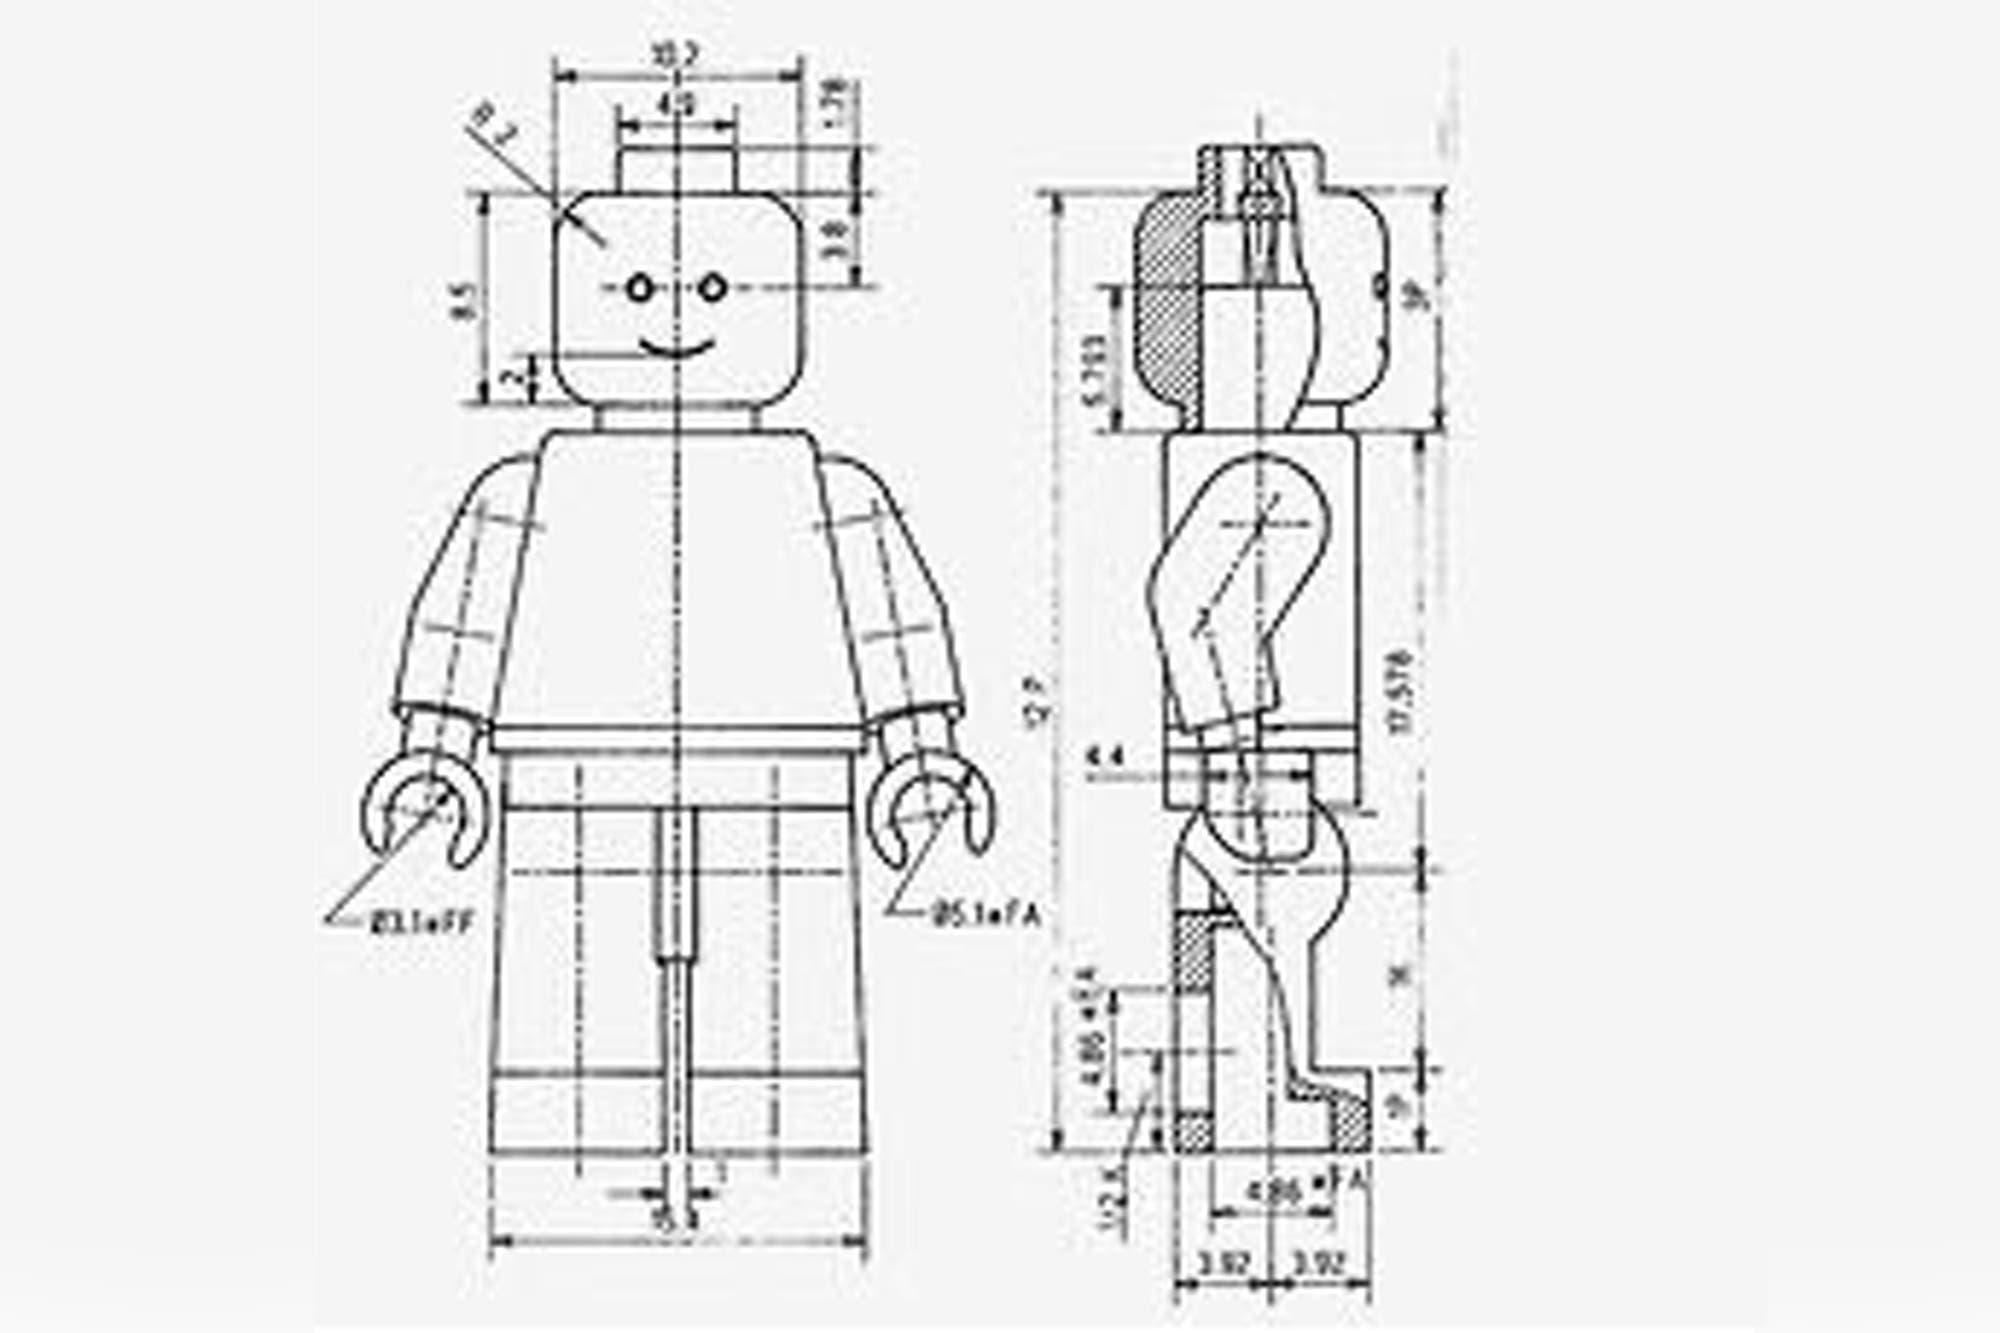 Murió el creador de los muñequitos de Lego